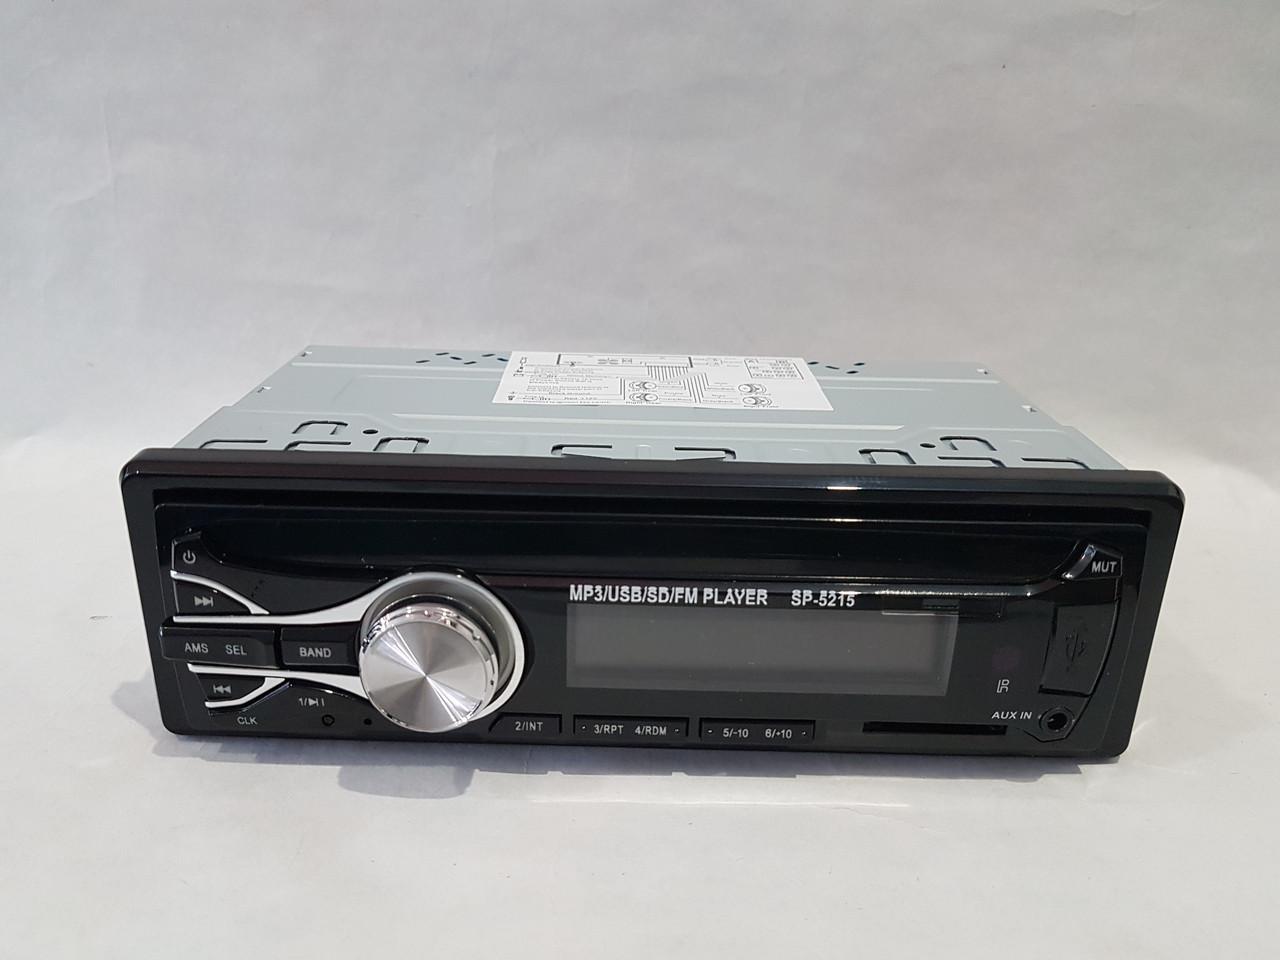 Автомагнитола Car Audio SP-5210 с пультом магнитола USB SD еврофишка синяя подсветка без диска